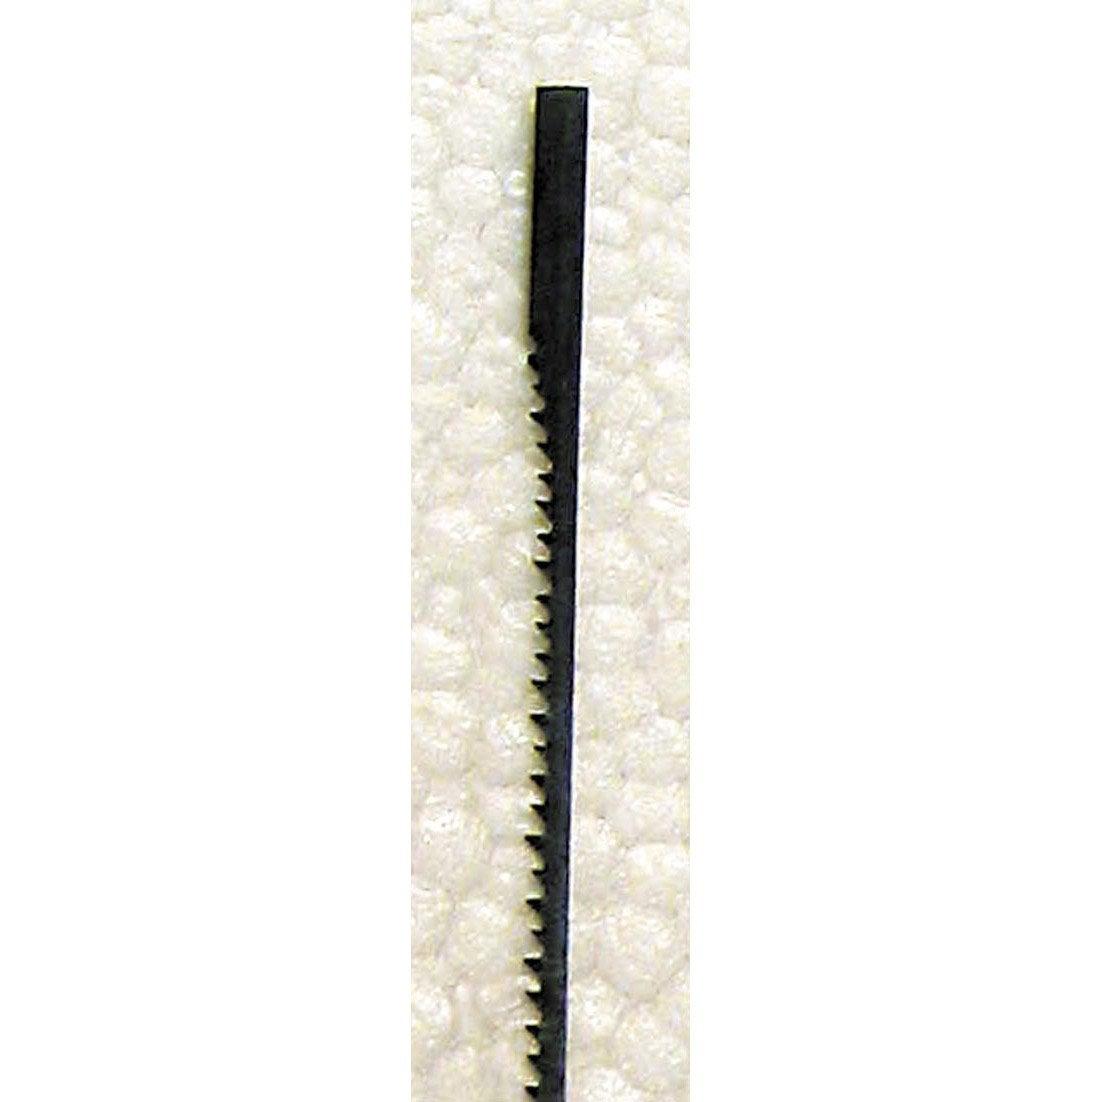 lot de 12 lames coupe multimat riau rexon pour scie. Black Bedroom Furniture Sets. Home Design Ideas